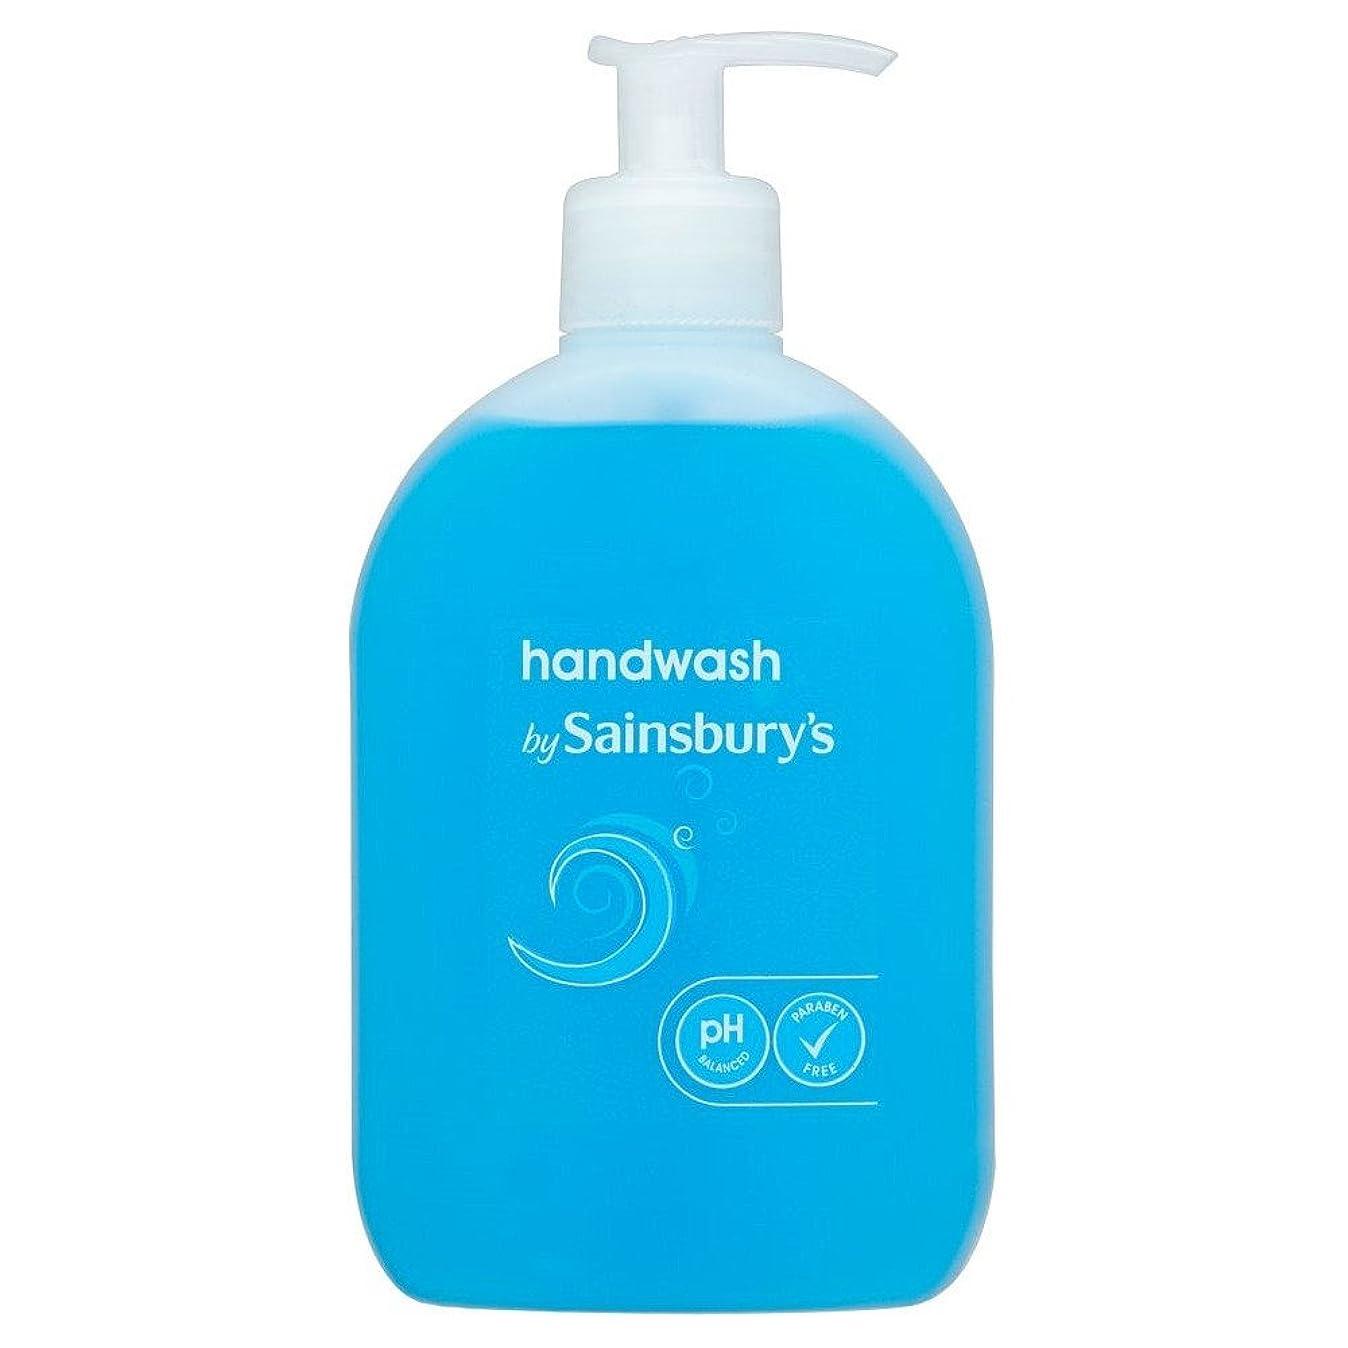 会うエーカー言い直すSainsbury's Handwash, Blue 500ml - (Sainsbury's) 手洗い、青500ミリリットル [並行輸入品]